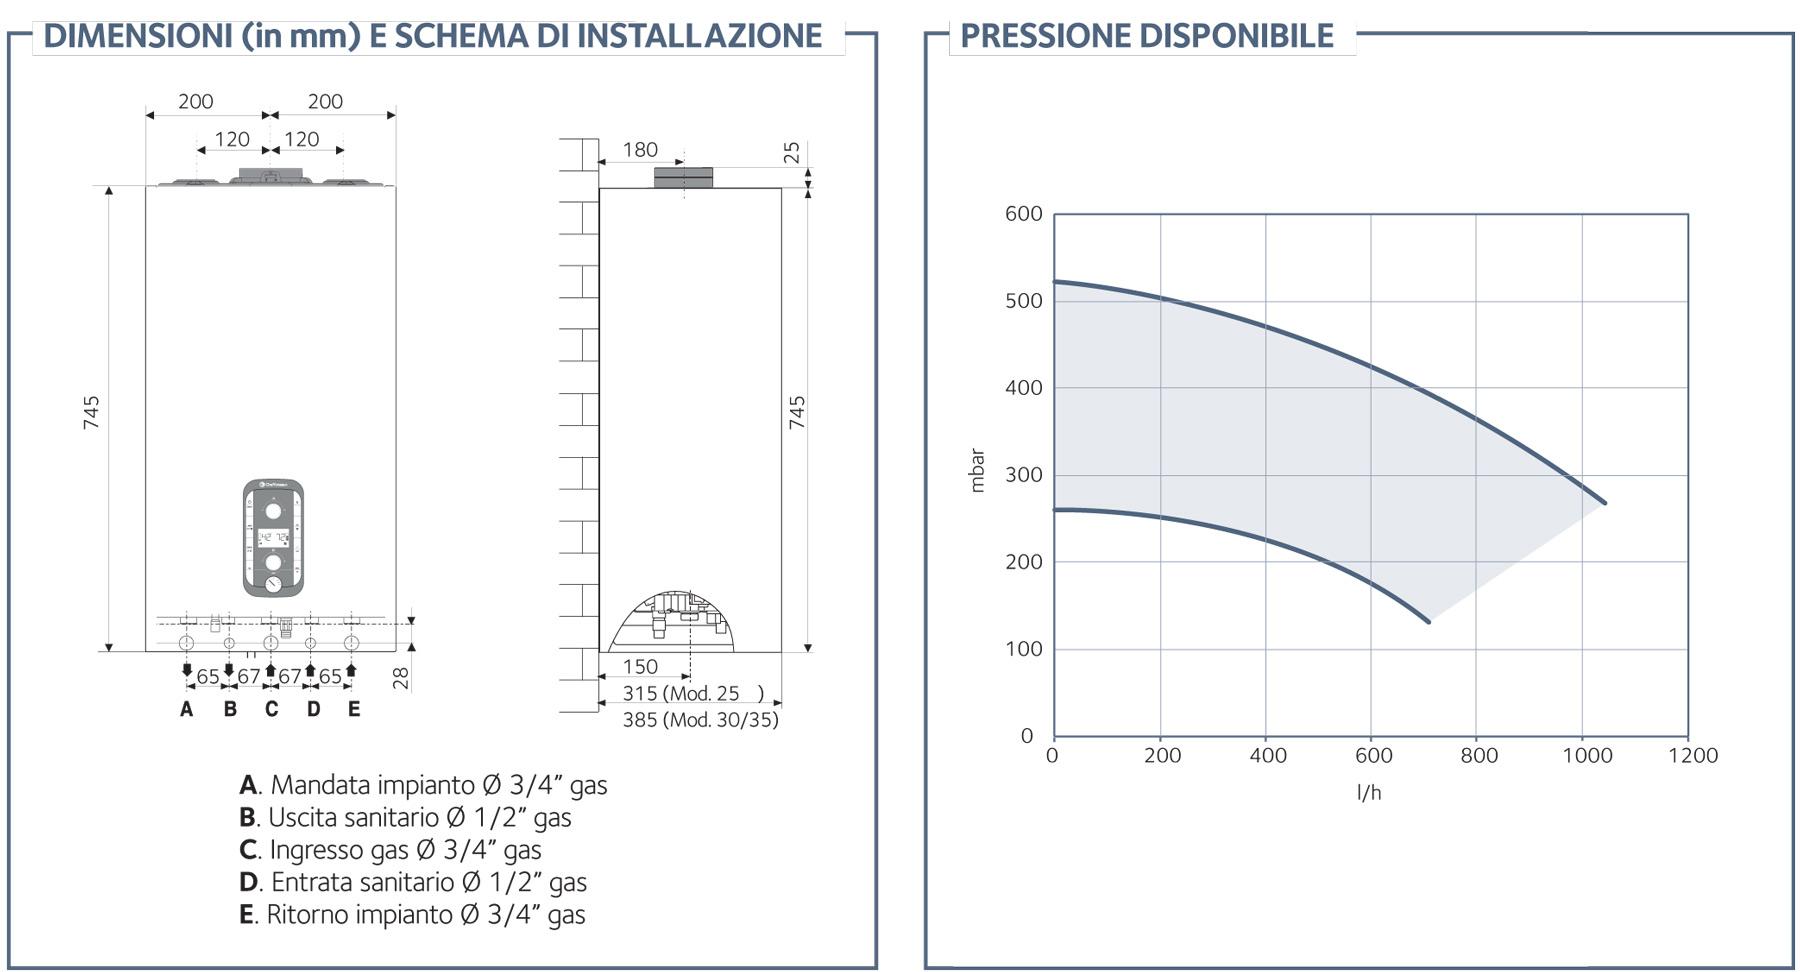 Chaffoteaux PIGMA ADVANCE dimensioni e schema installazione